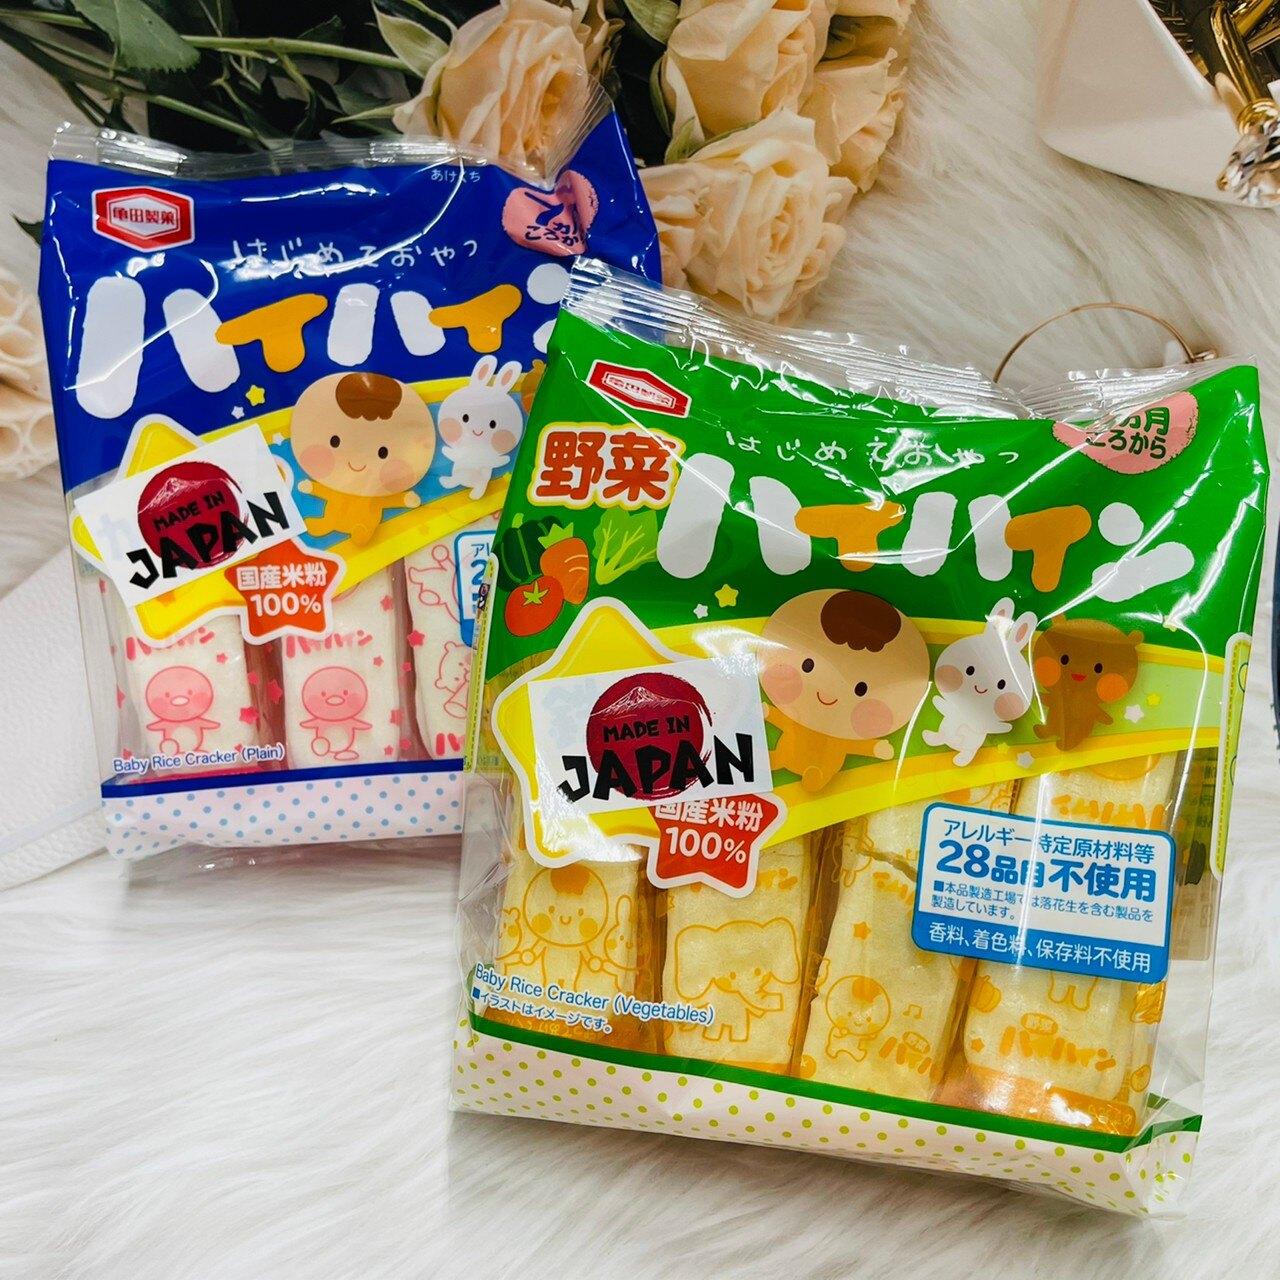 日本 龜田製果 嬰兒米果 嬰兒米餅 七個月大起可食用 53g  原味/野菜